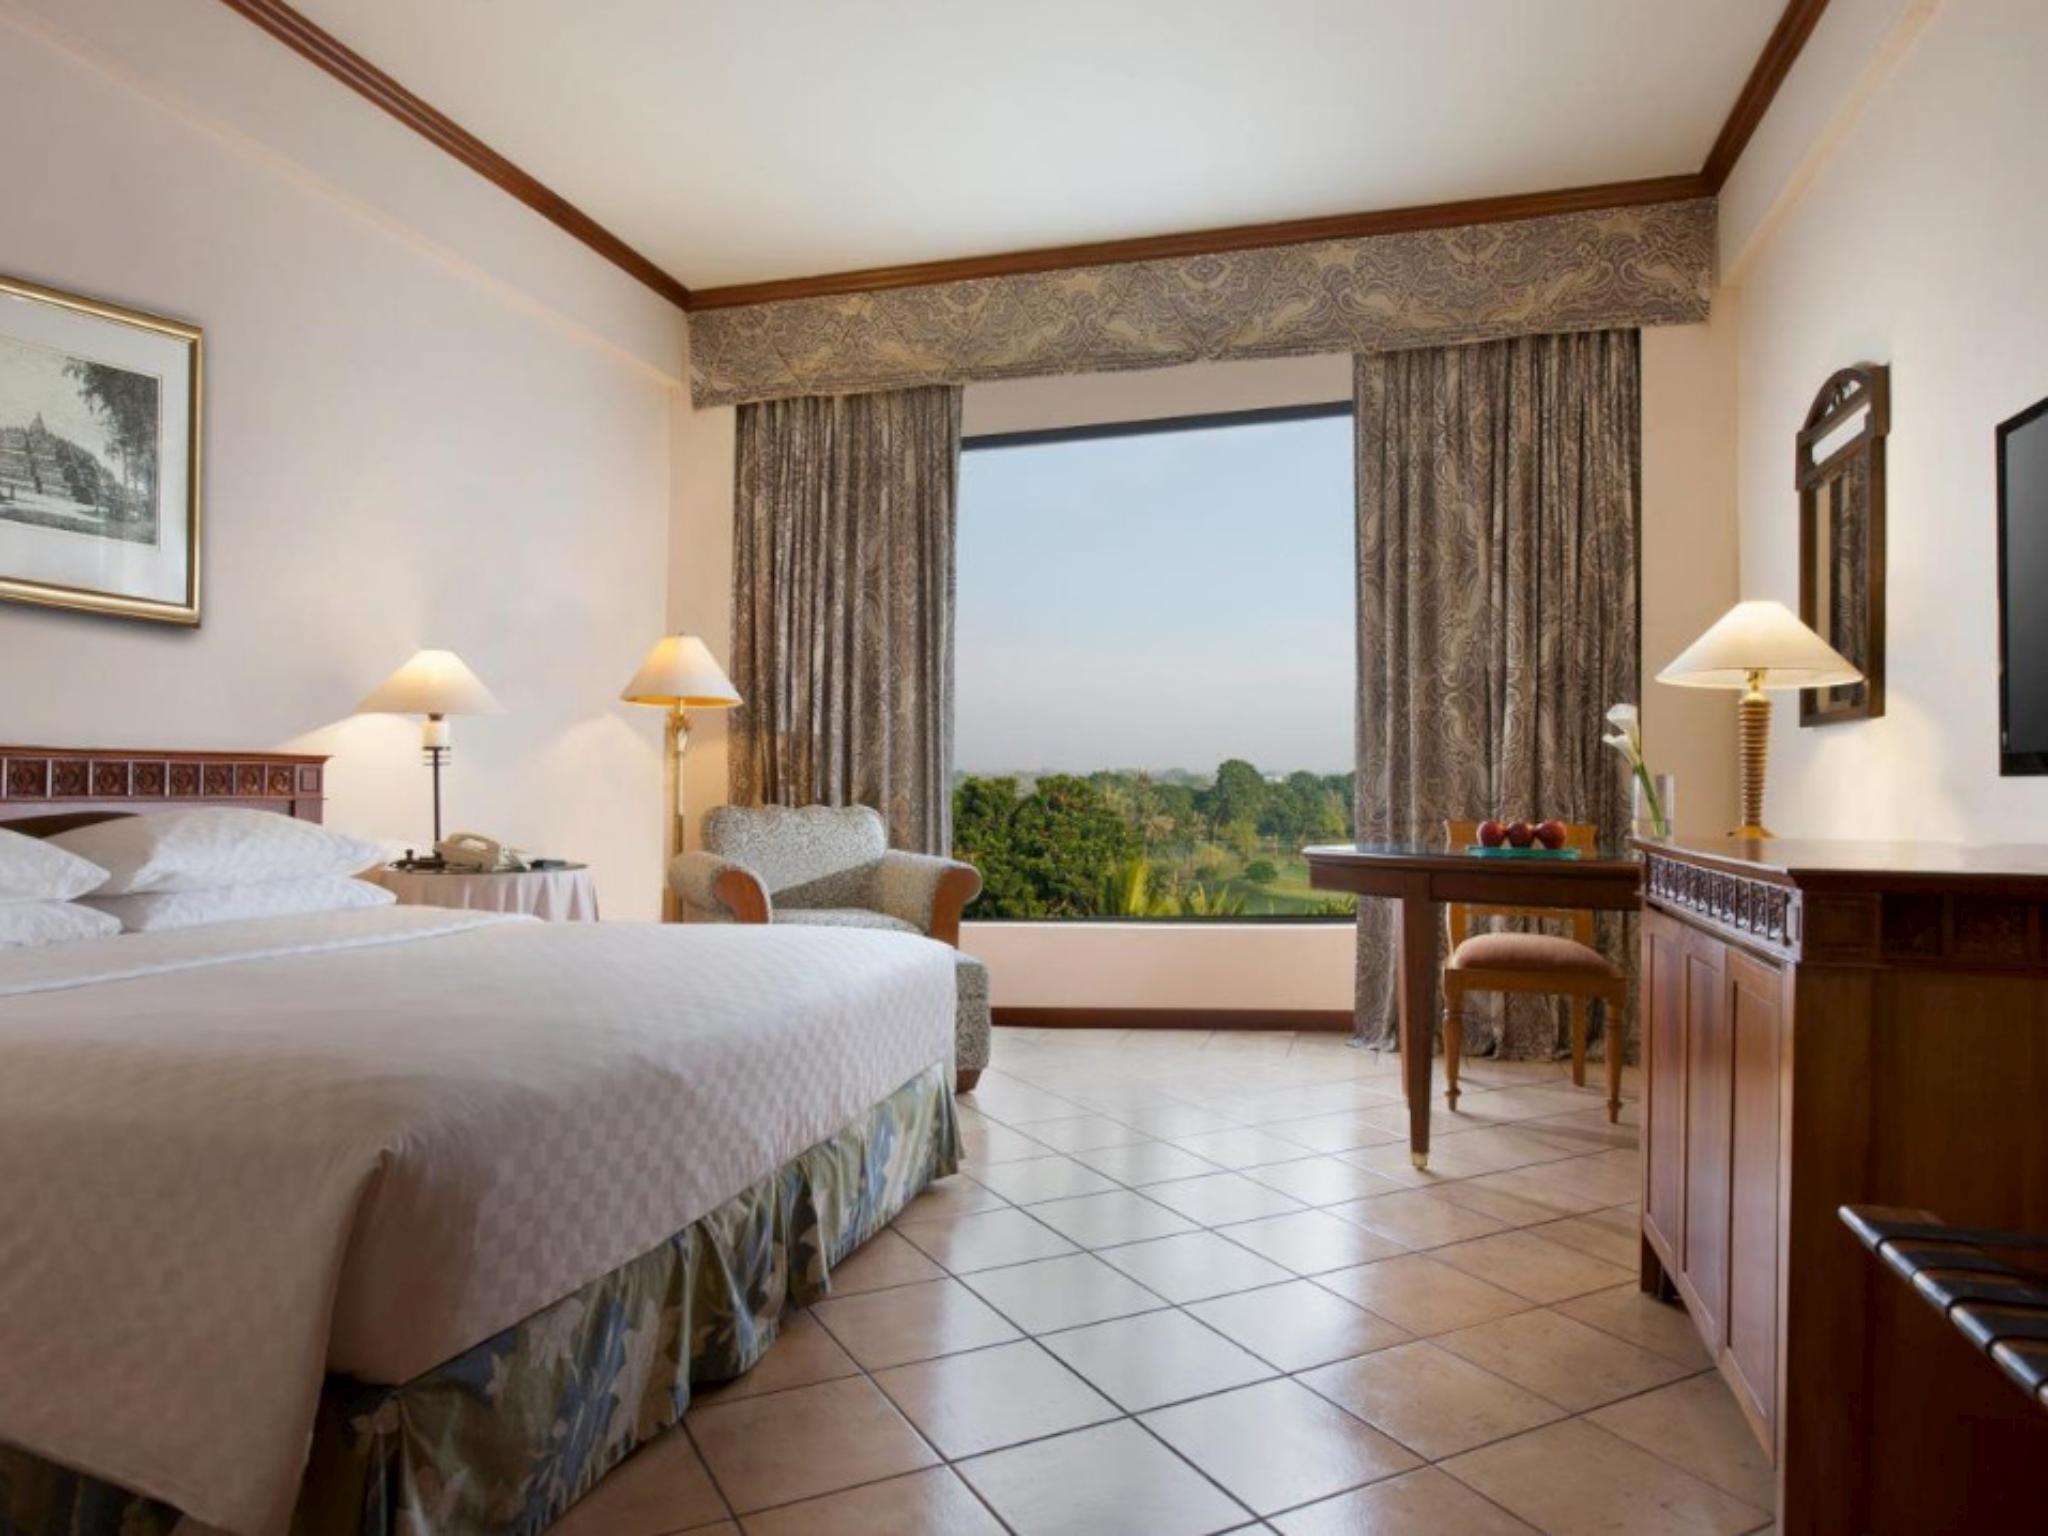 Best Price on Hyatt Regency Yogyakarta Hotel in Yogyakarta